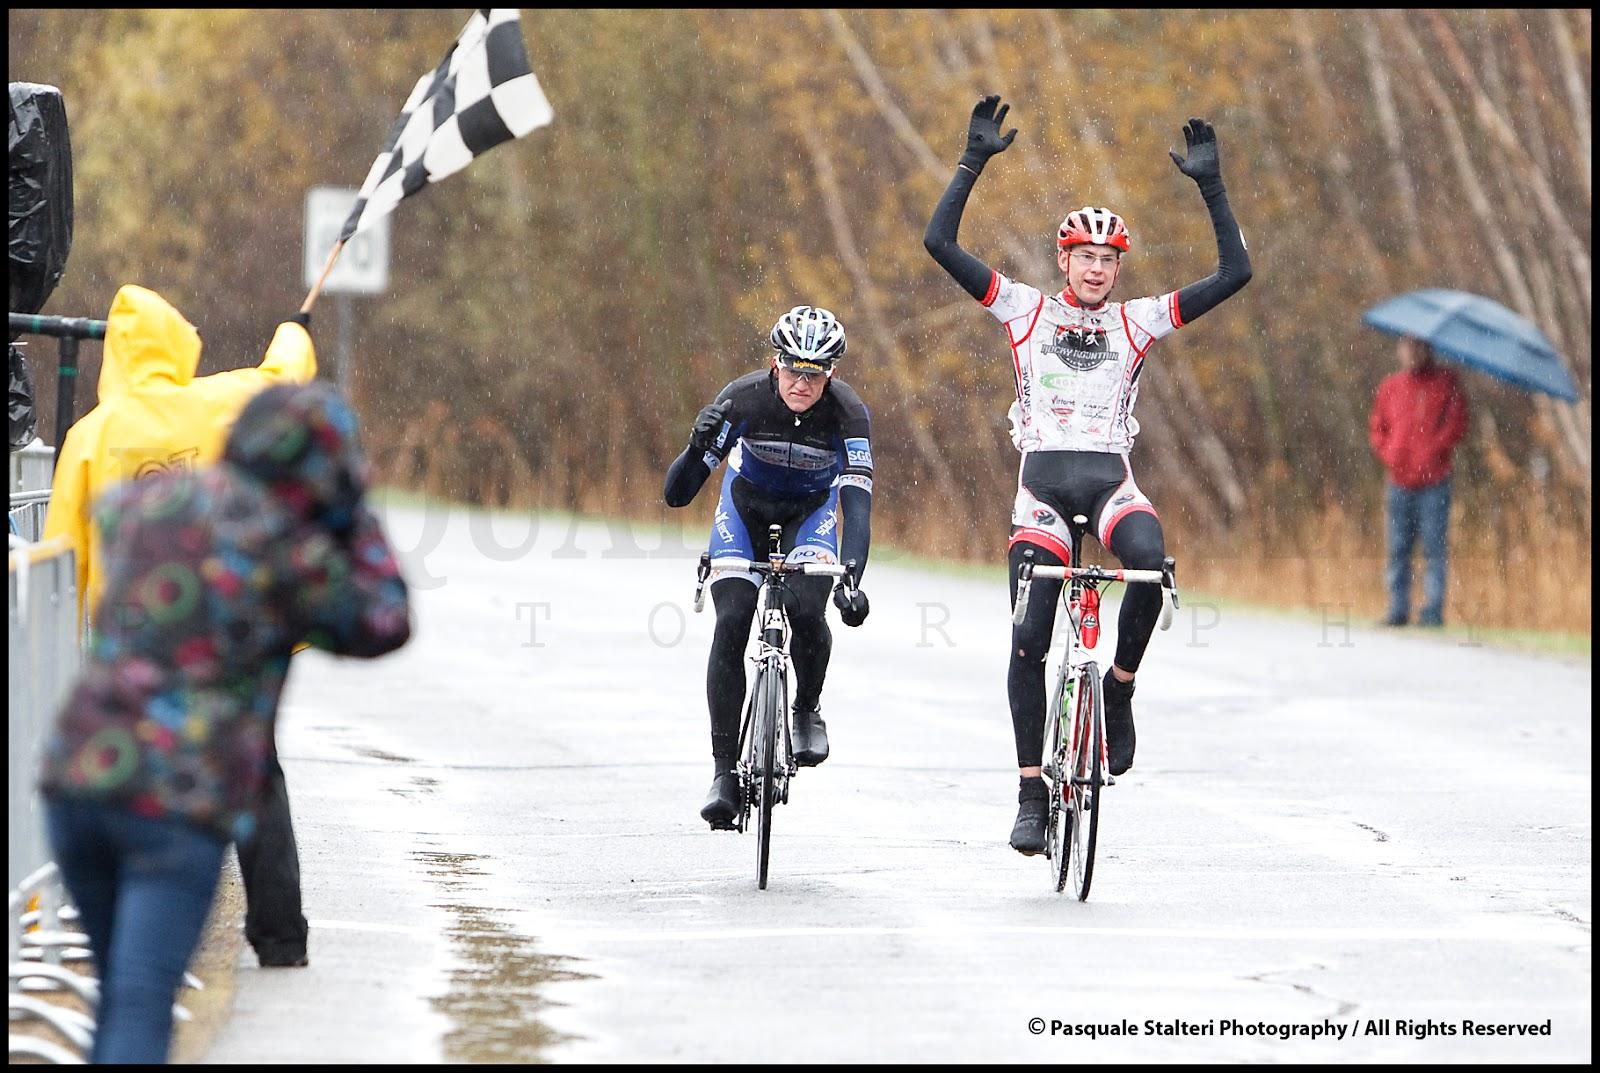 Le retour de l 39 enfant prodigue miroir du cyclisme for Miroir du ciclisme